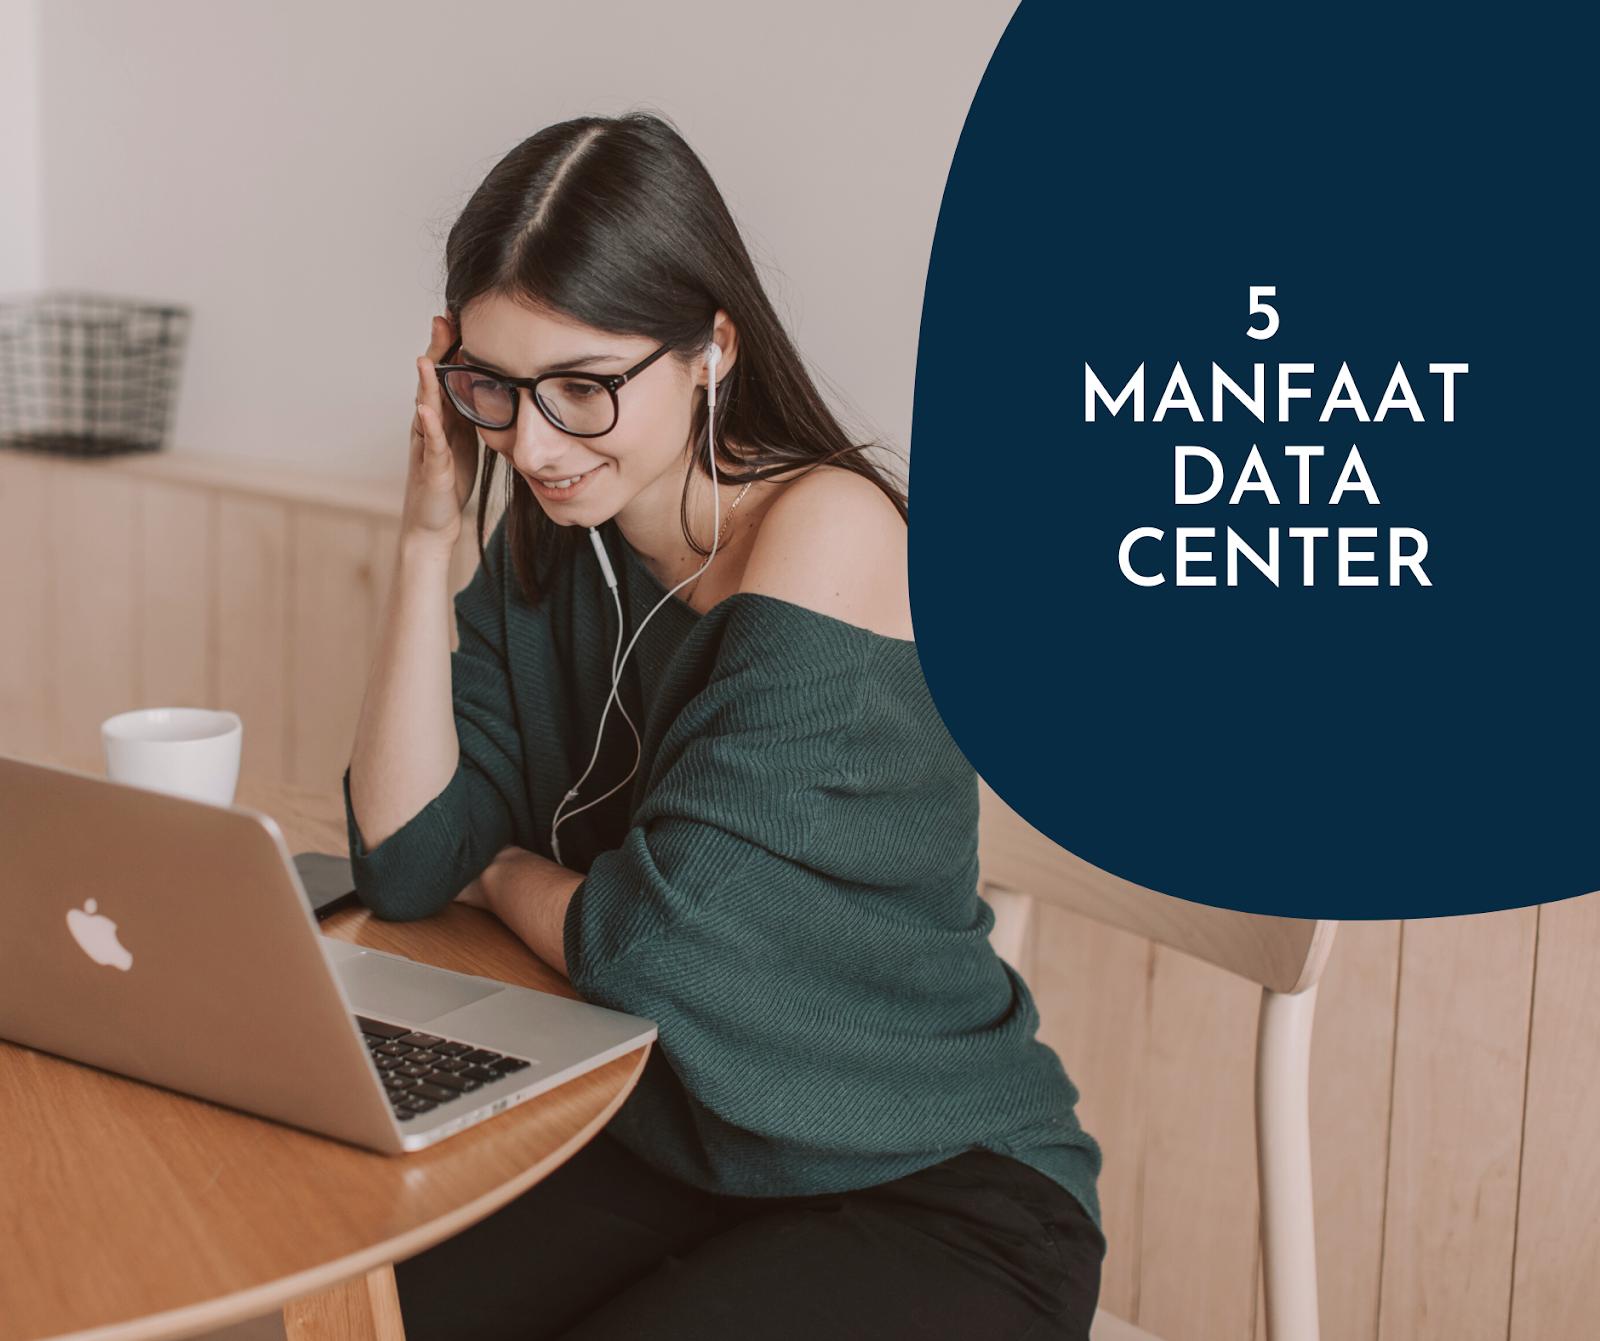 5 manfaat data center untuk perusahaan